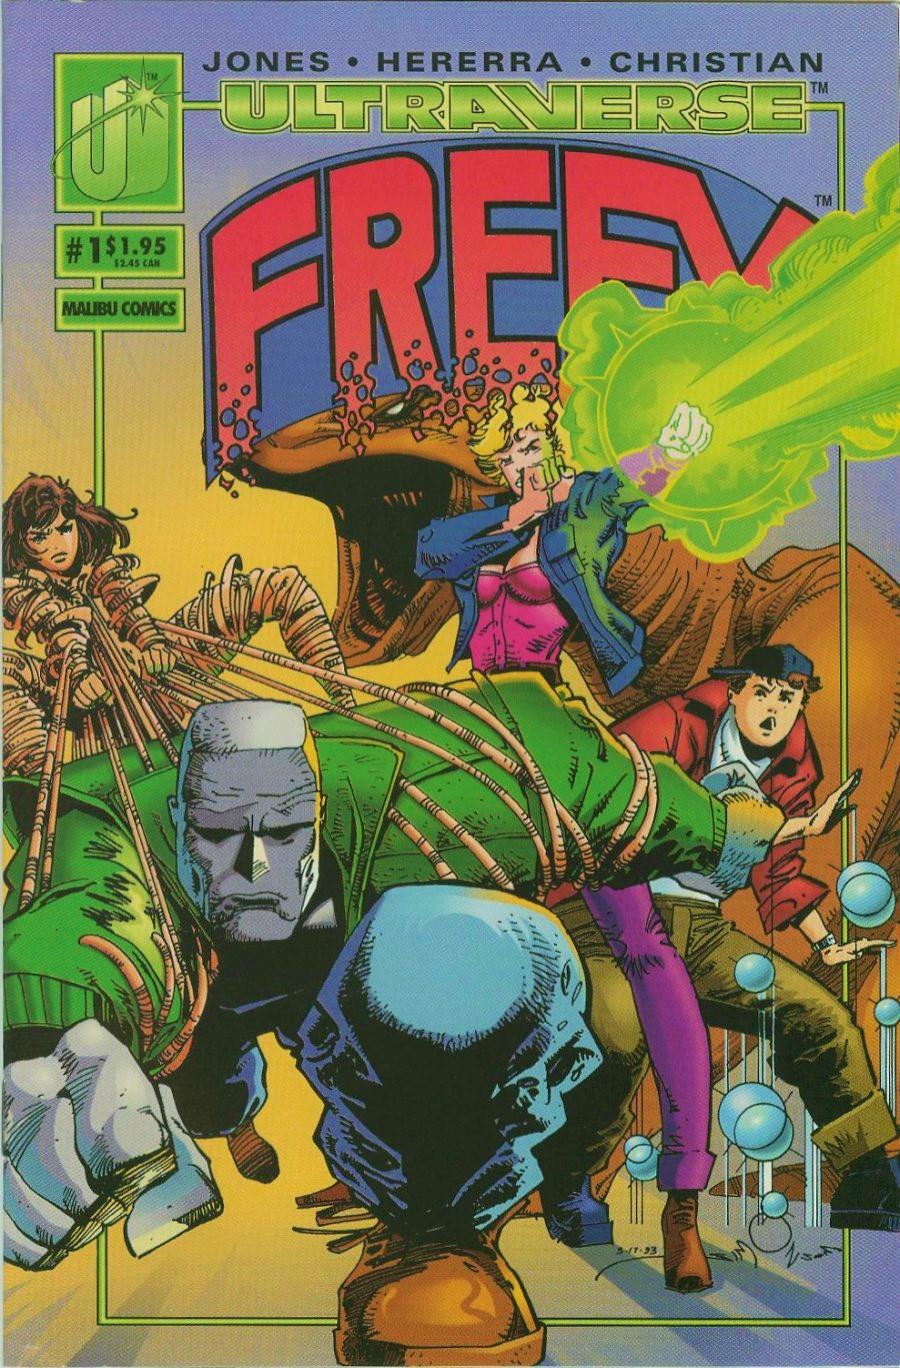 Freex1